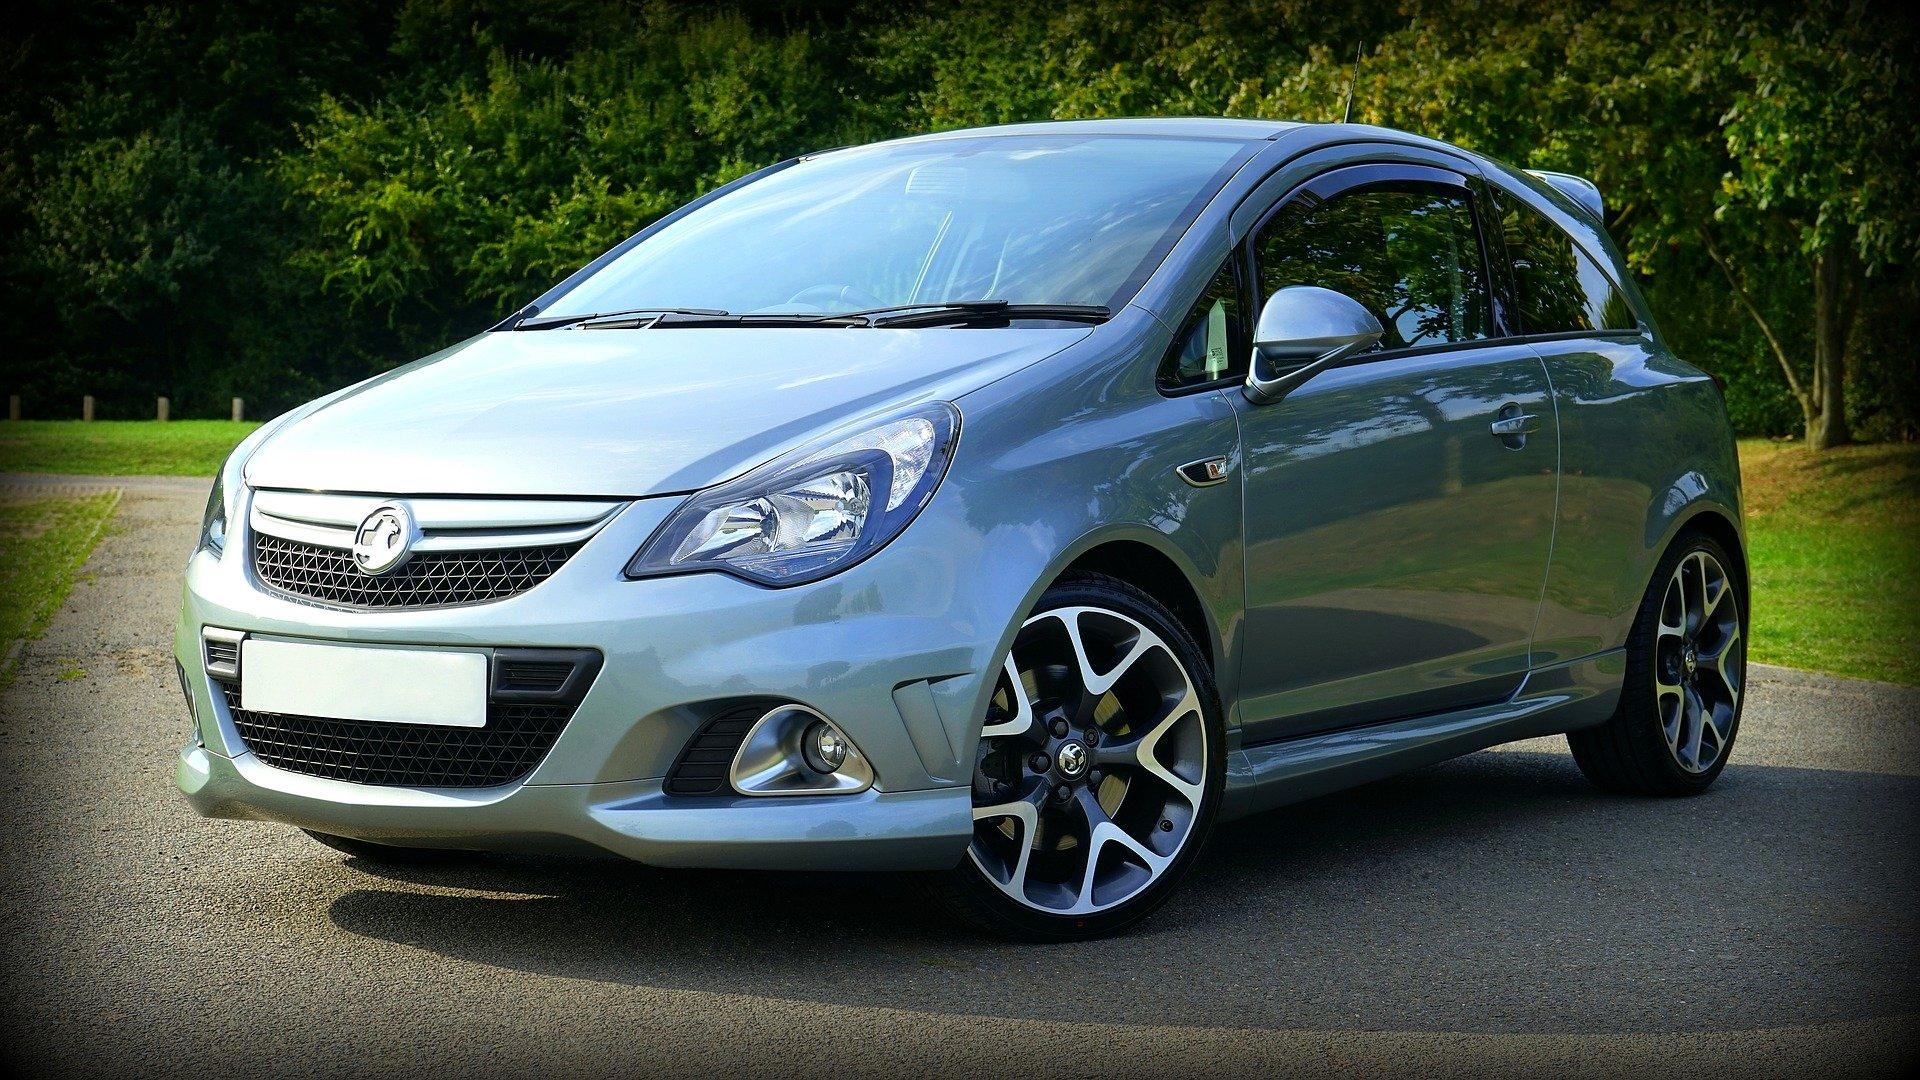 Vauxhall Car